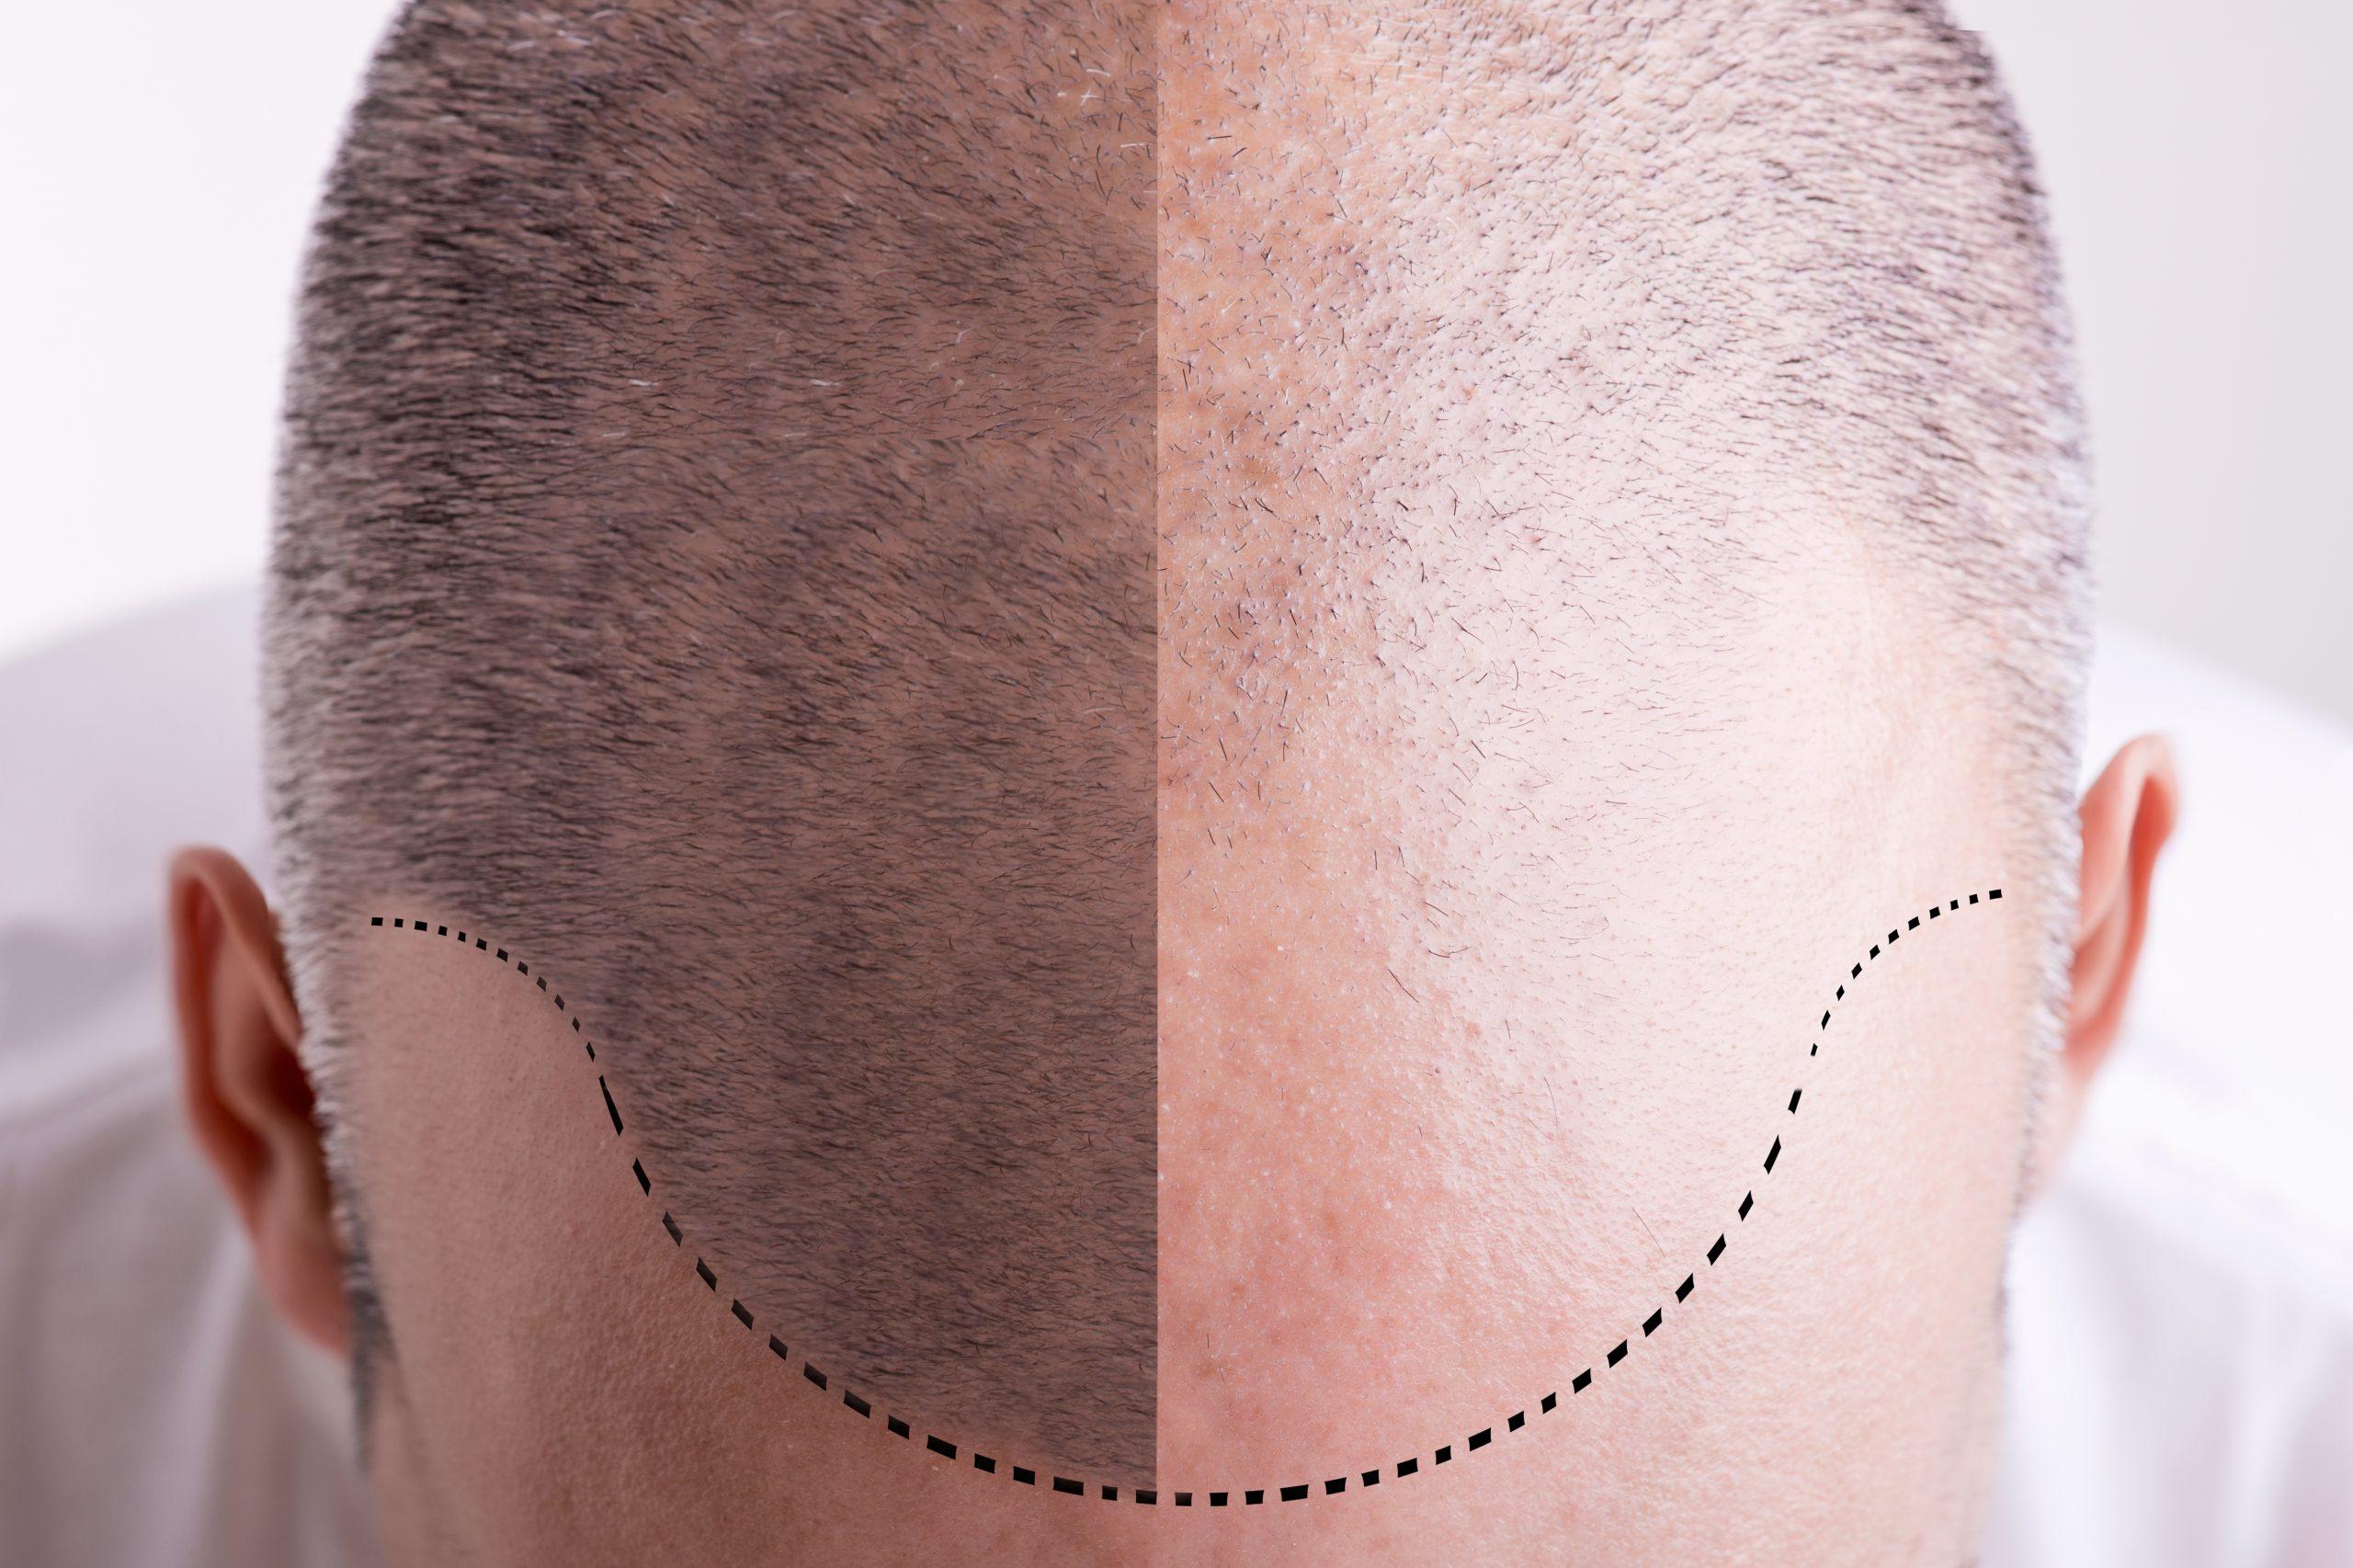 Comment faire son shampoing après une greffe capillaire ?